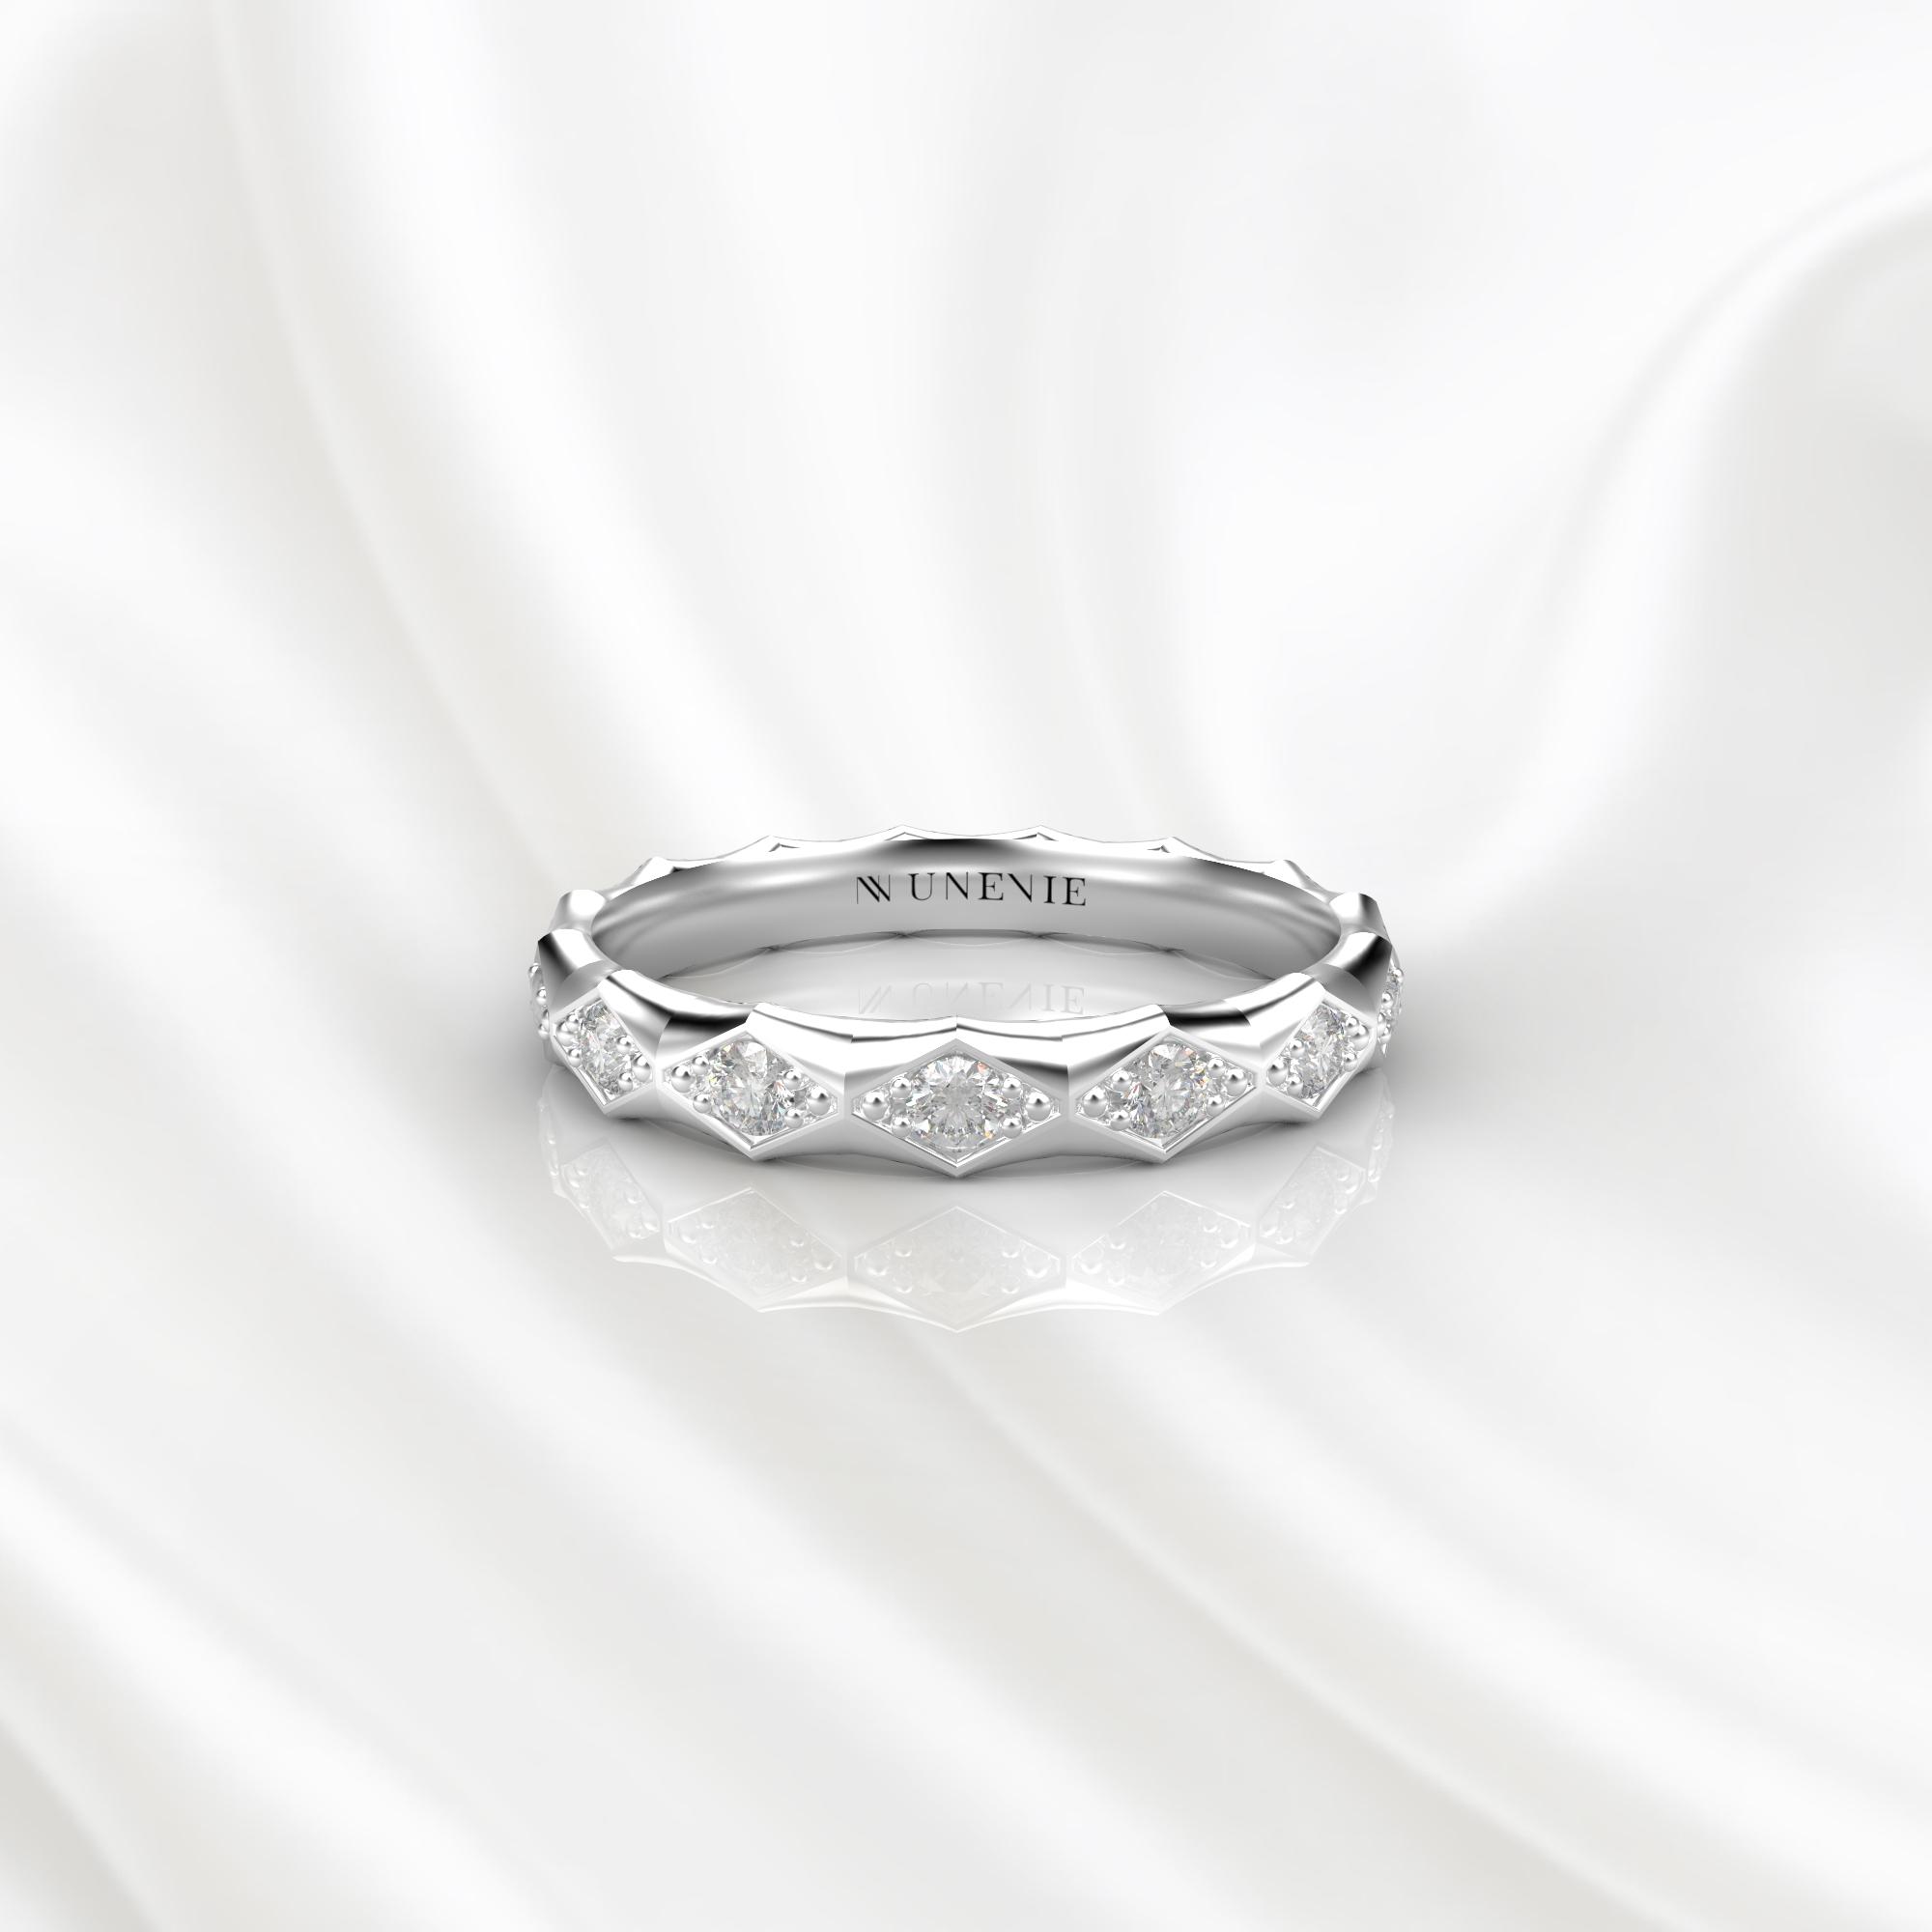 E23 Обручальное кольцо из белого золота с бриллиантами